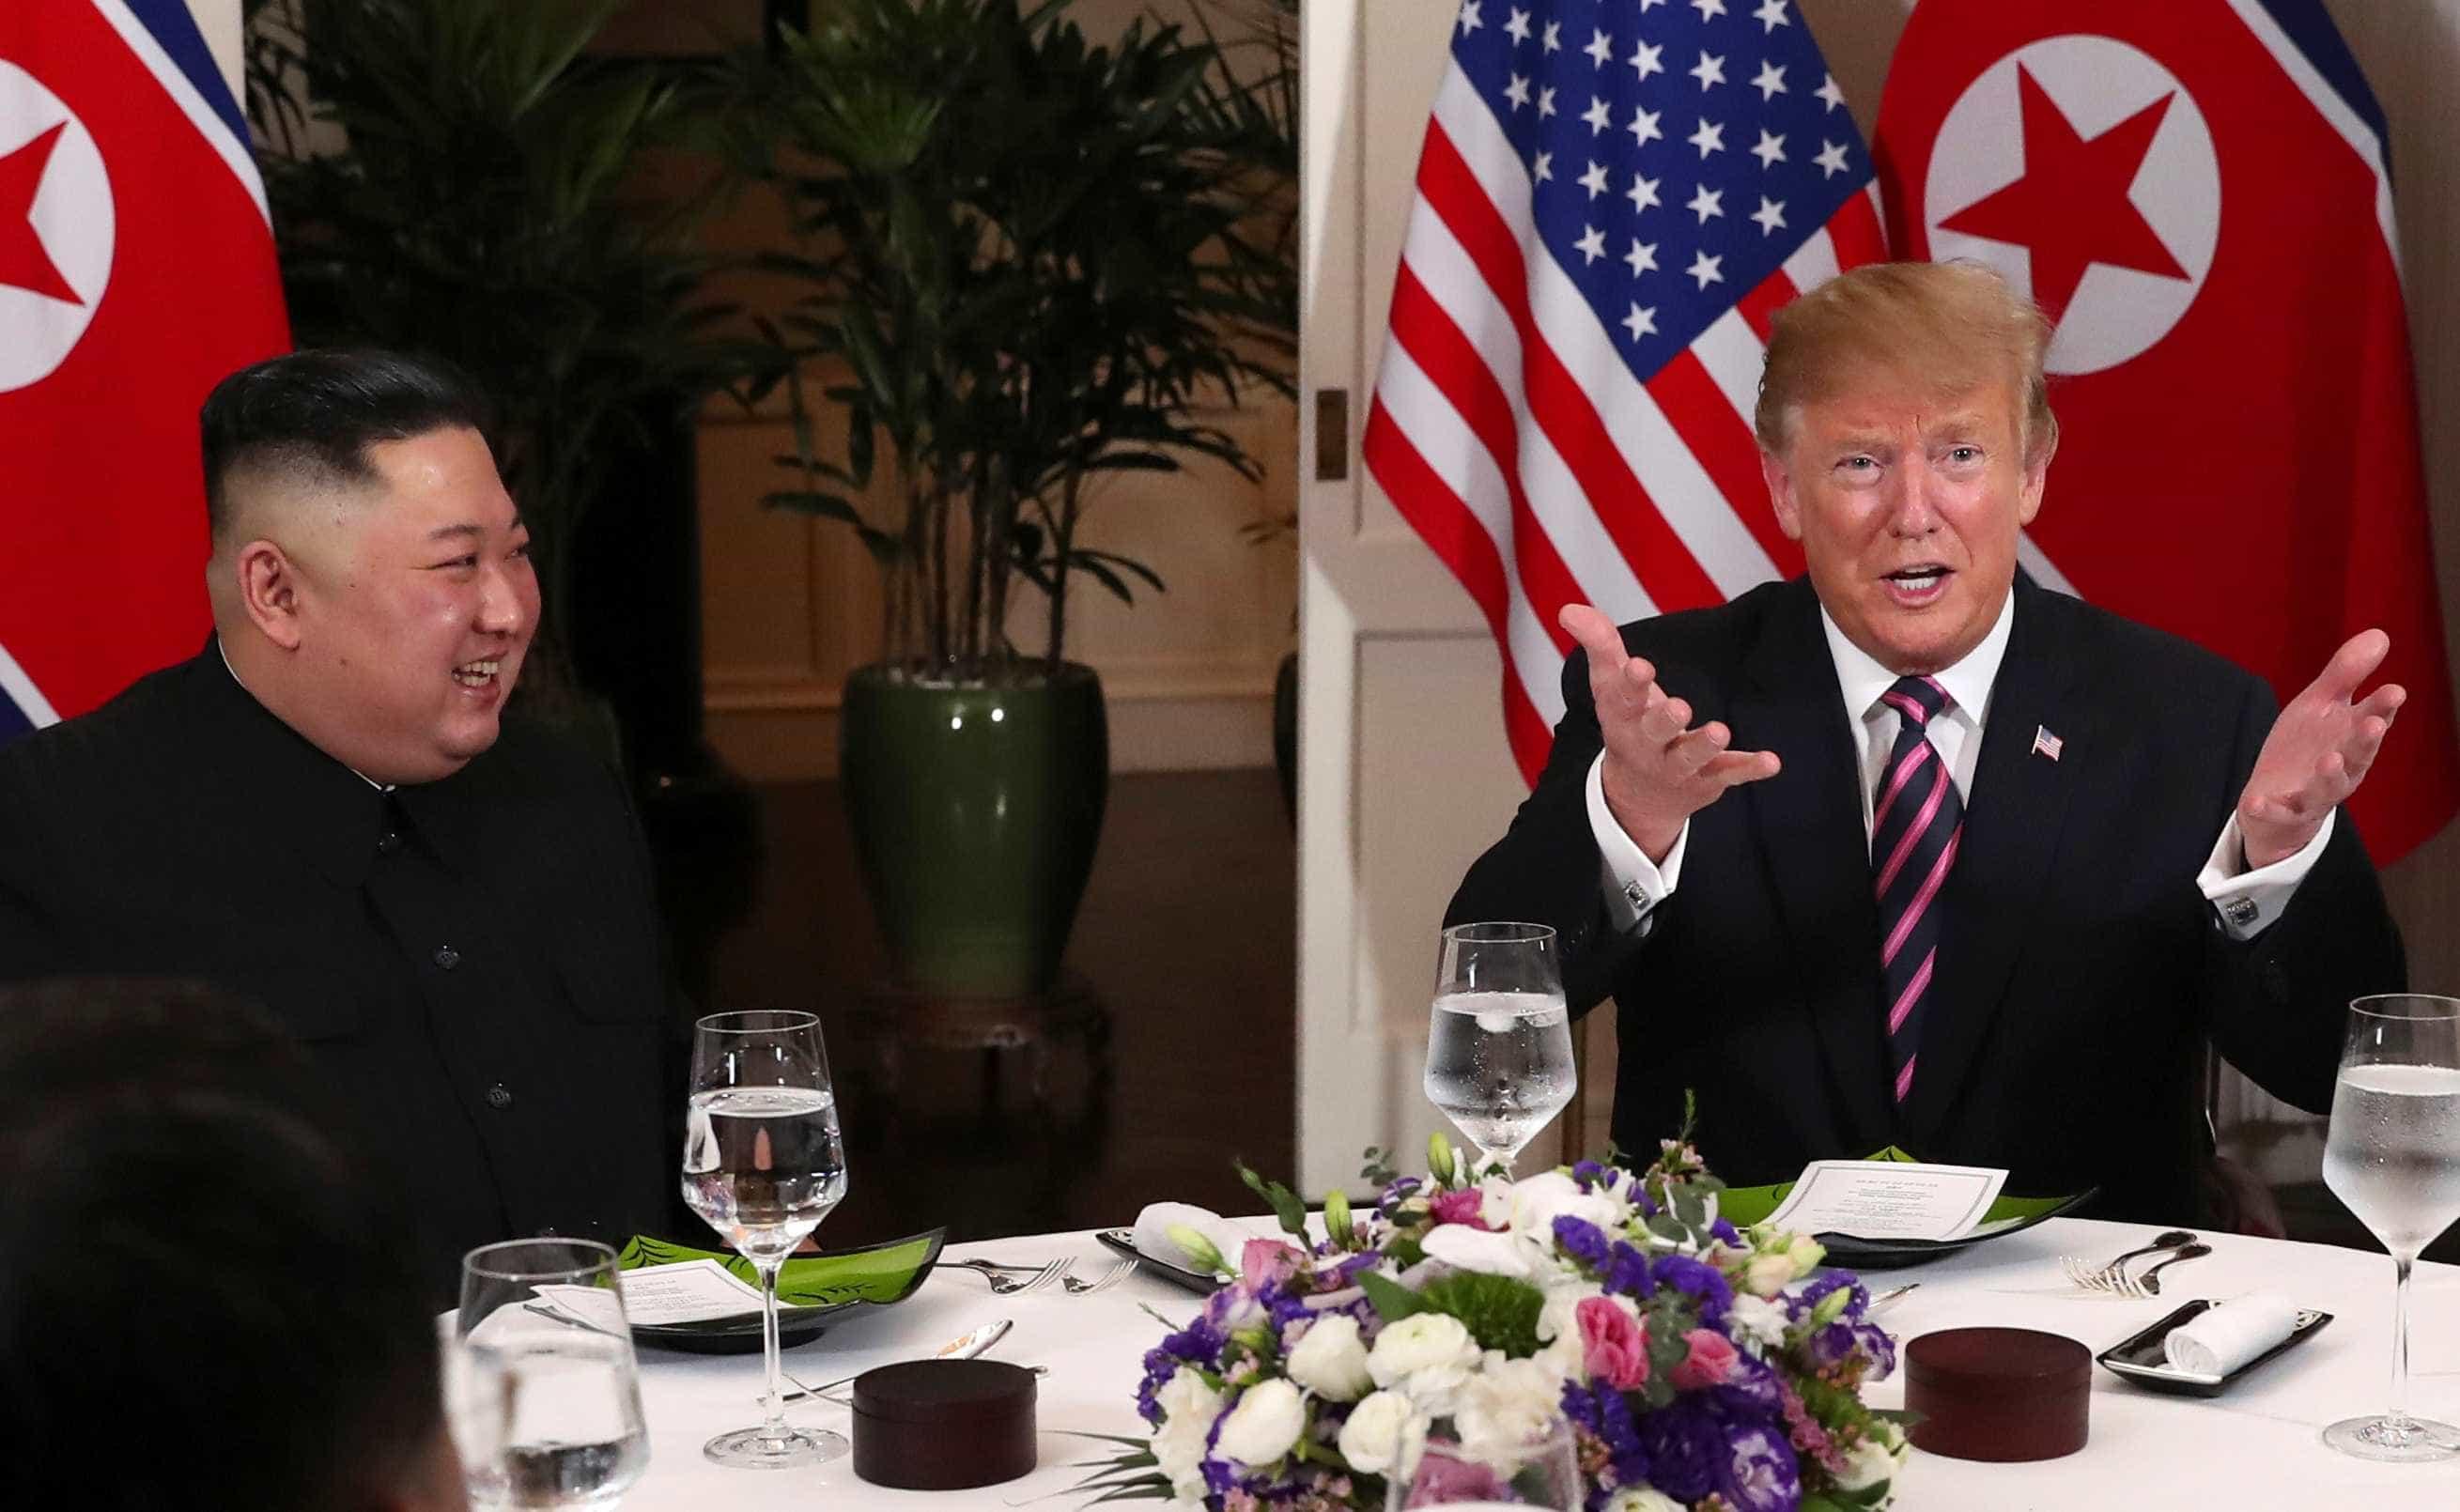 Coreia do Norte o 51º estado norte-americano? Houve quem acreditasse